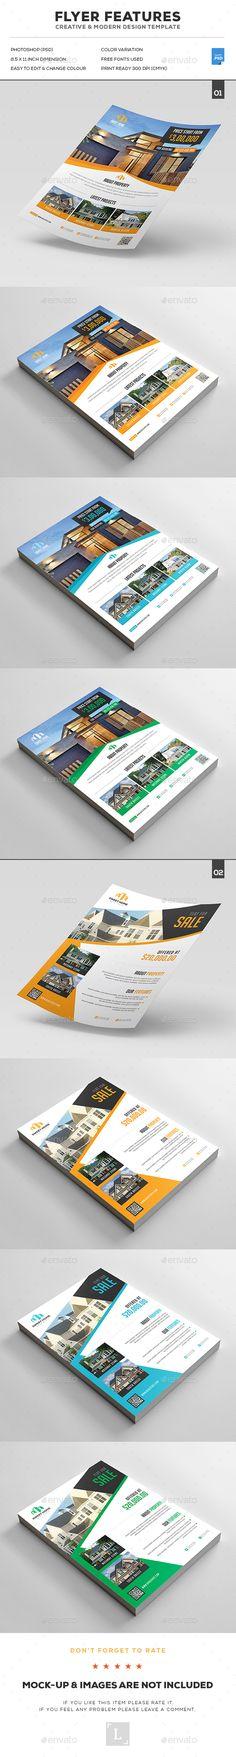 Real Estate Flyer Bundle Templates PSD. Download here: https://graphicriver.net/item/real-estate-flyer-bundle/16954518?ref=ksioks